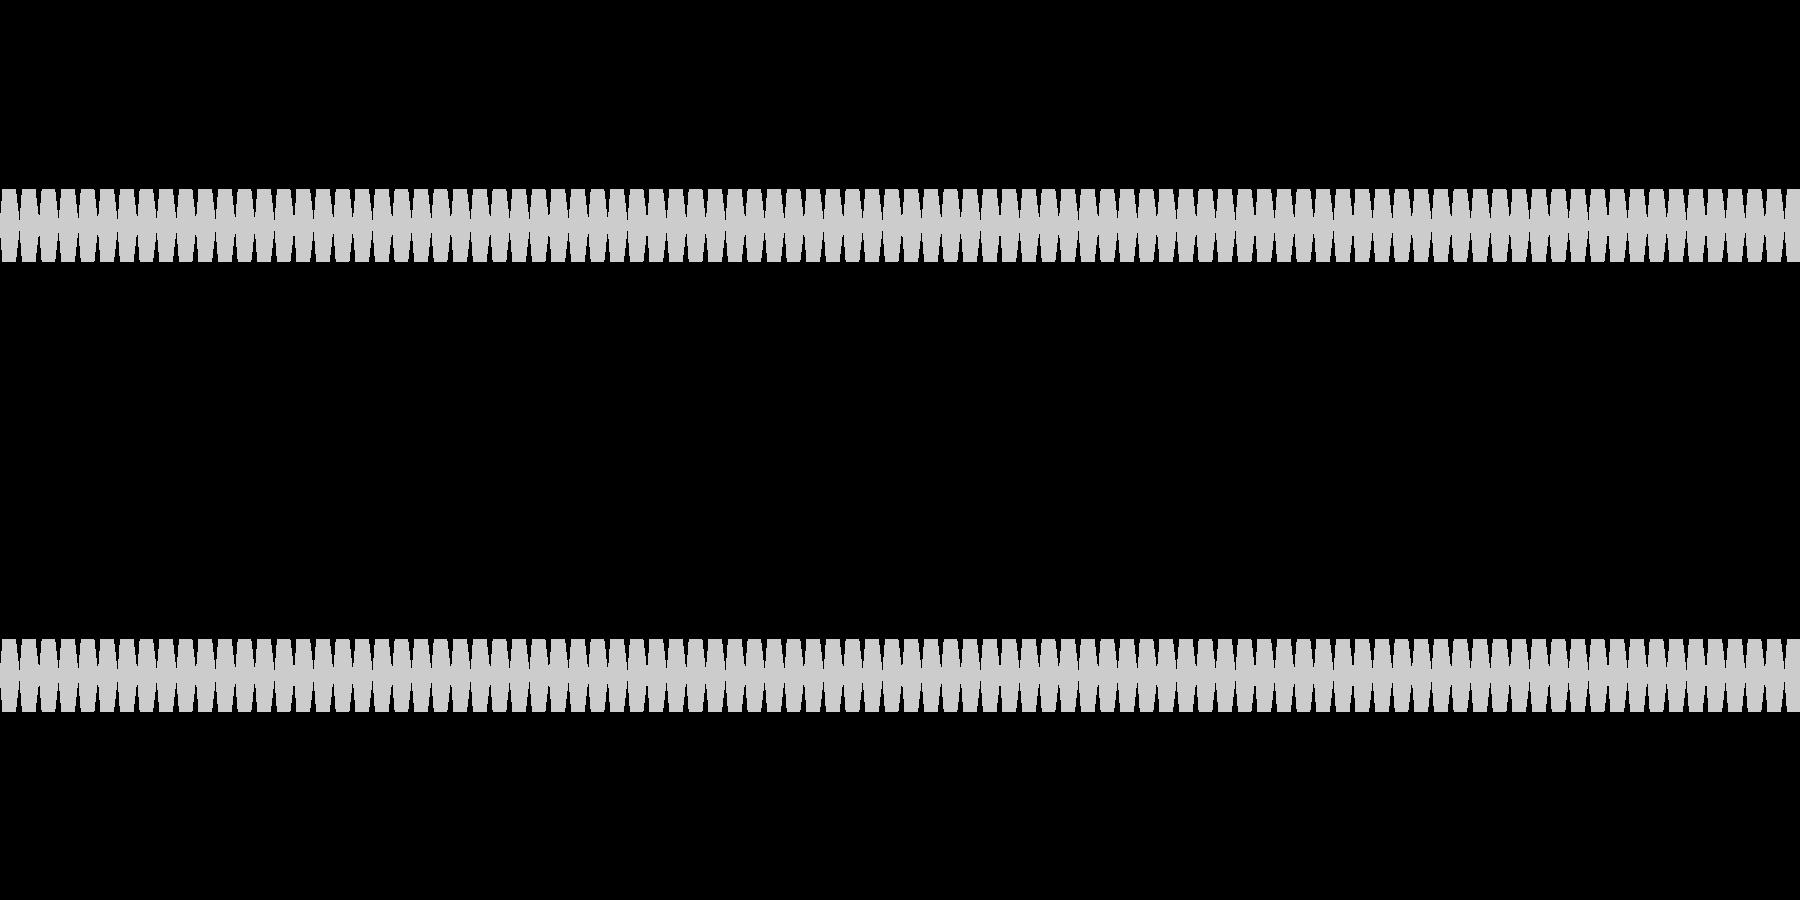 トゥルル(数字カウント音)ループの未再生の波形